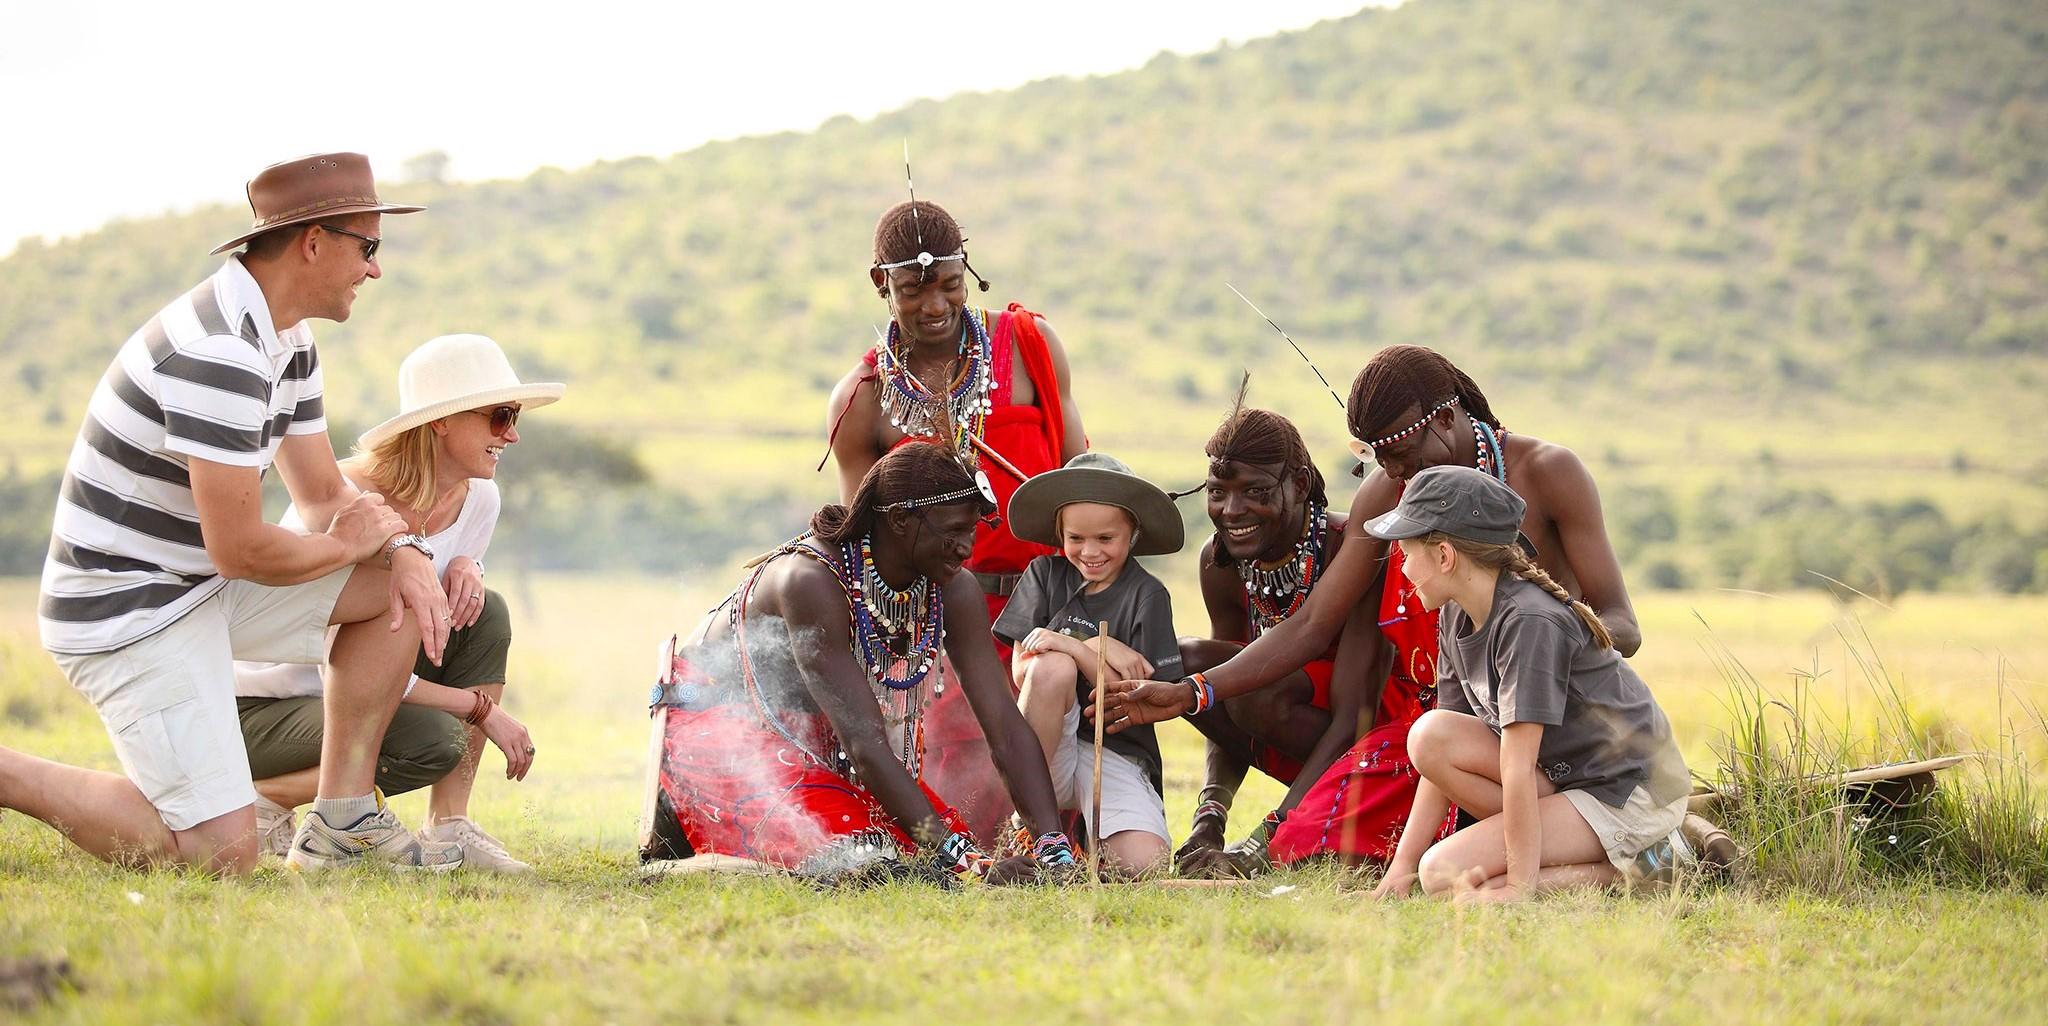 Familia interactua con un grupo de masáis en Kenia